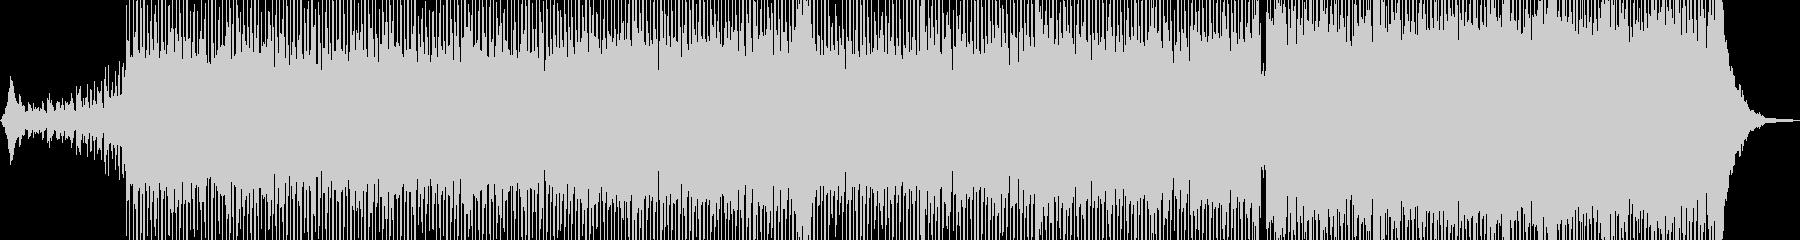 無機質でドライ・ダークなテクノ Bの未再生の波形